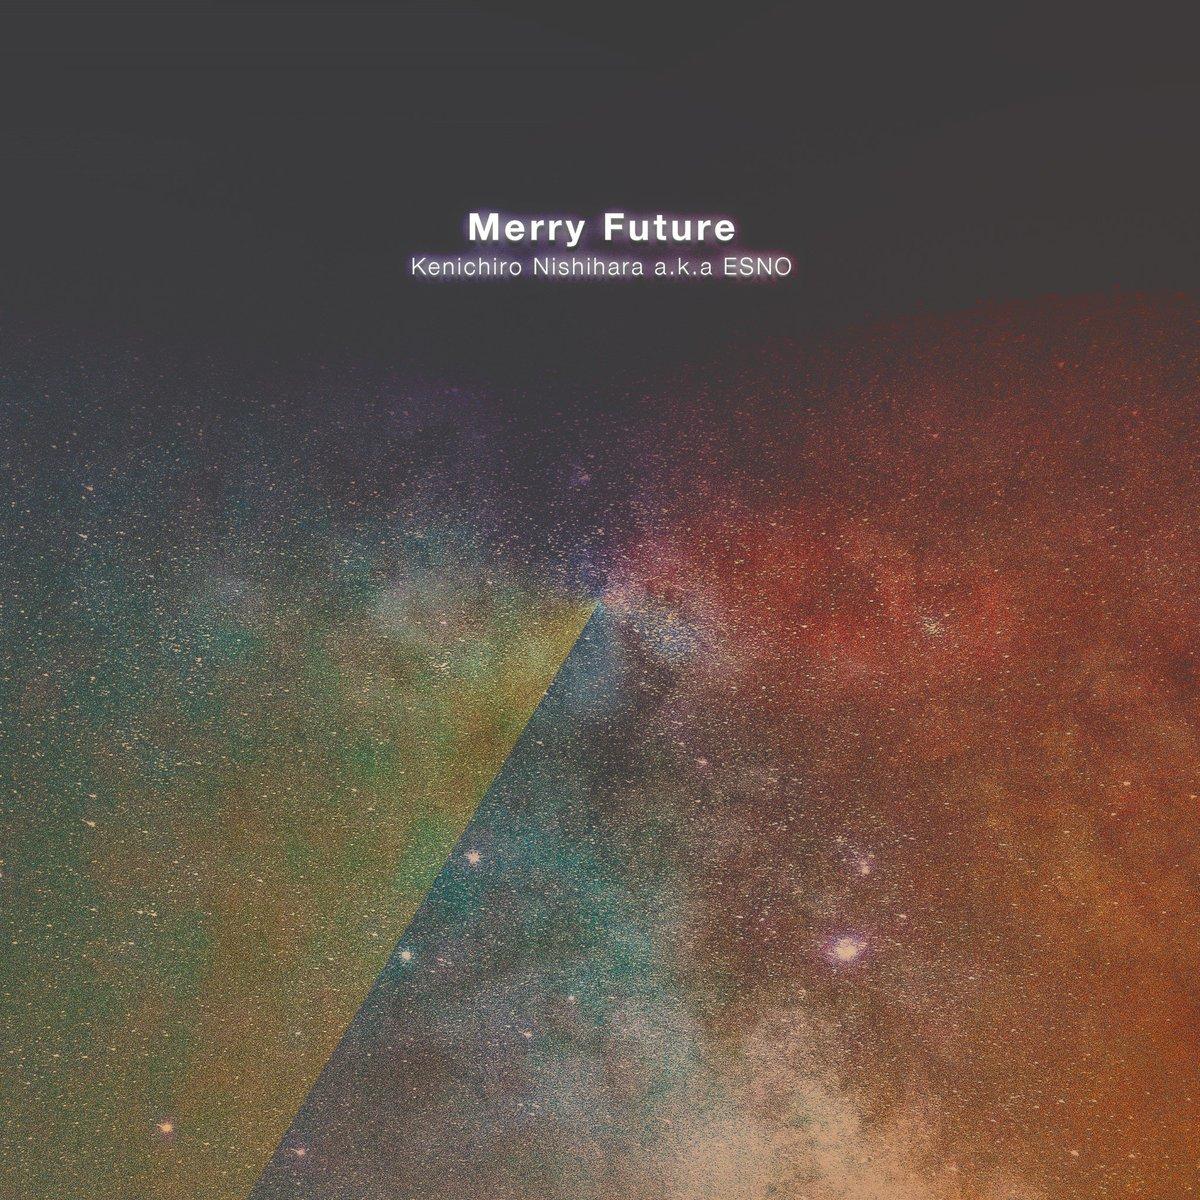 本日、西原健一郎が伊勢丹新宿店のためにKenichiro Nishihara a.k.a ESNOとして書き下ろした新曲「Merry Future」が配信限定でリリースされました。是非、チェックしてみて下さい。Apple MusicSpotify